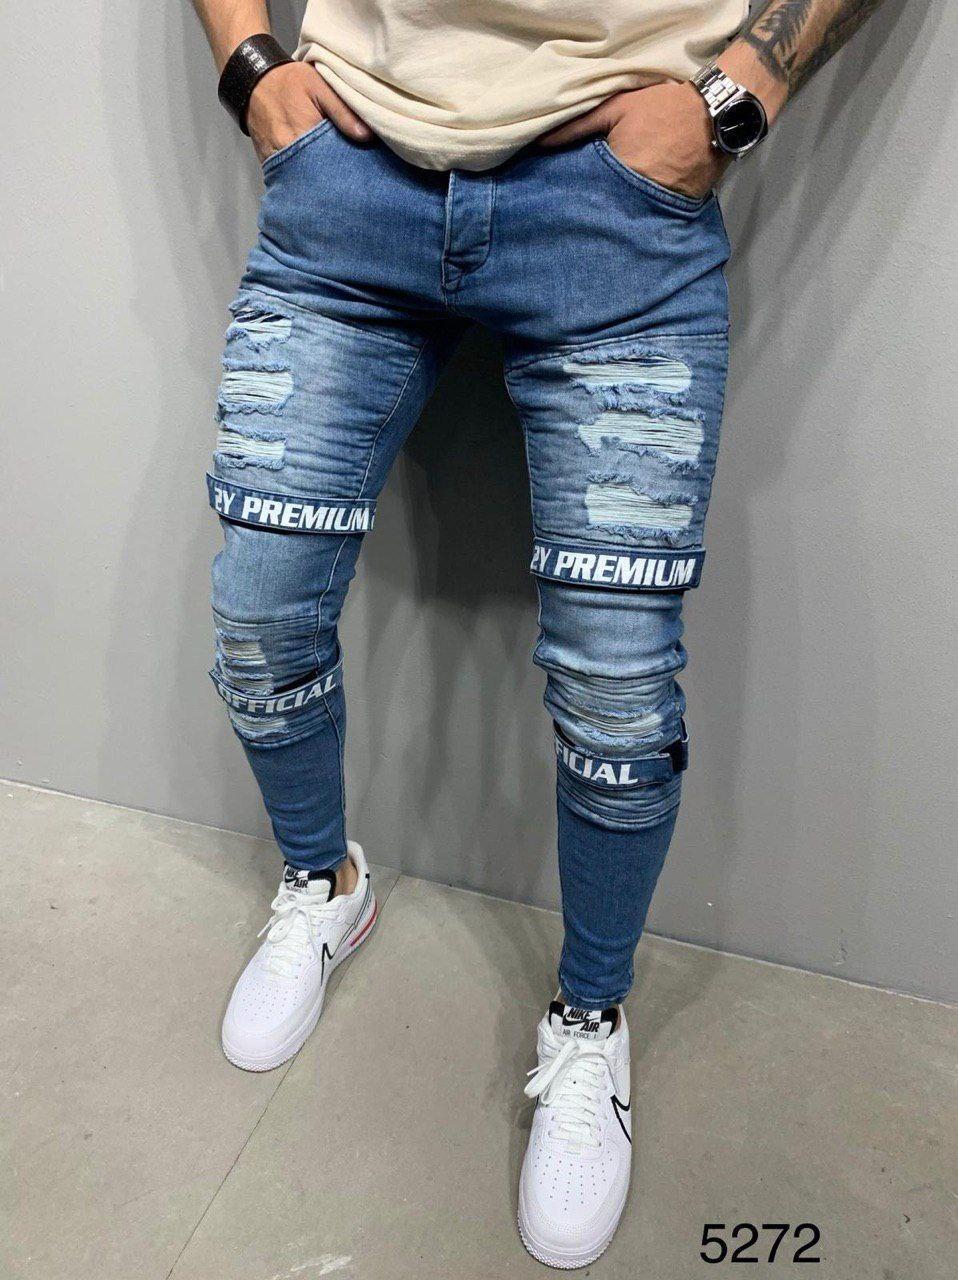 Мужские джинсы синие 2Y Premium 5272